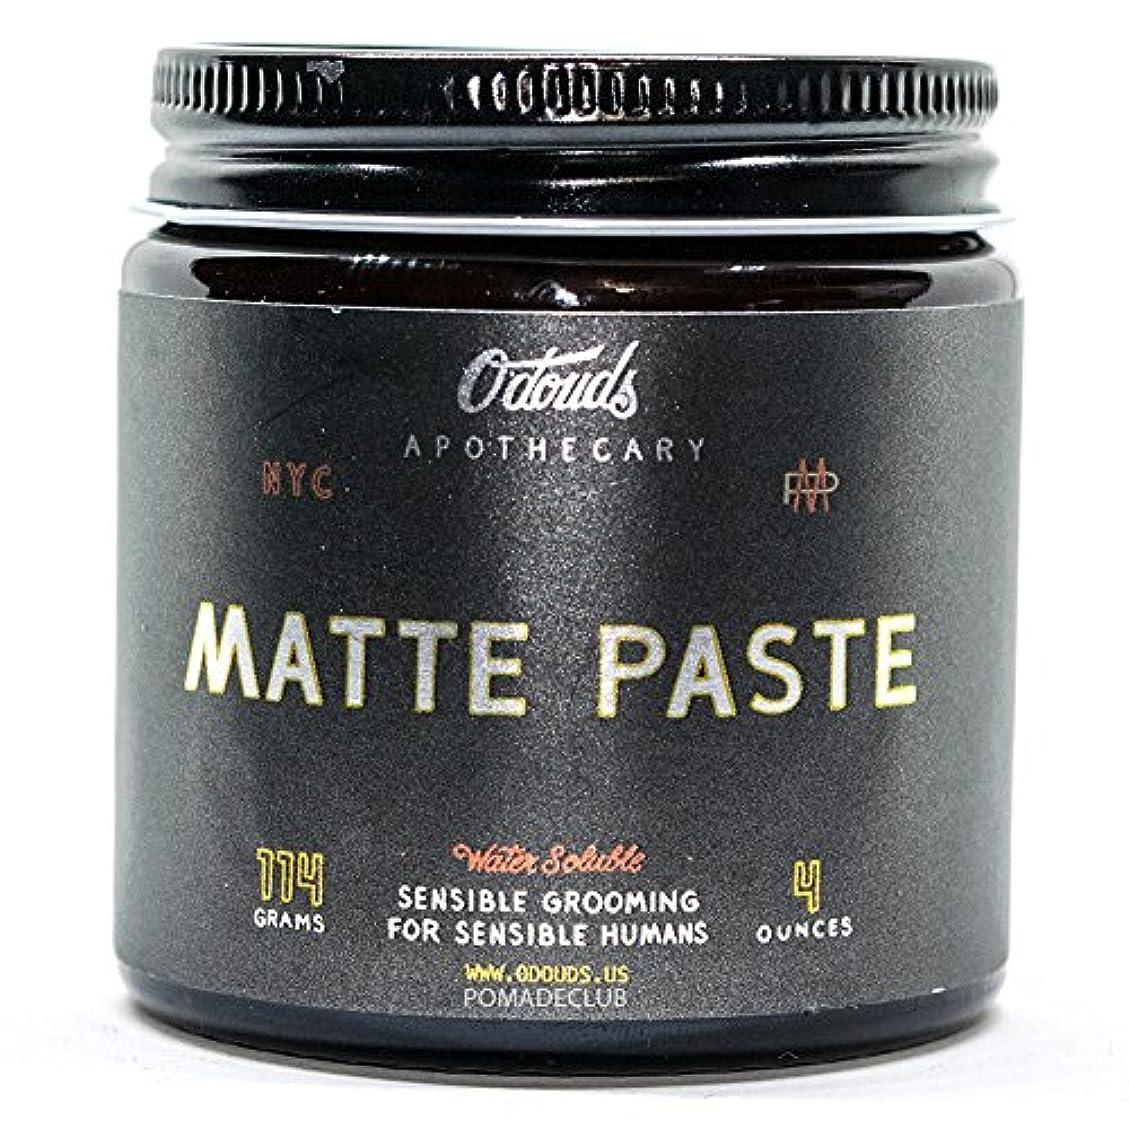 道路明示的に農業のO'Douds (オダウズ) マットペースト MATTE PASTE メンズ 整髪料 水性 ポマード ヘアグリース ヘアワックス クリームタイプ ツヤなし ストロングホールド